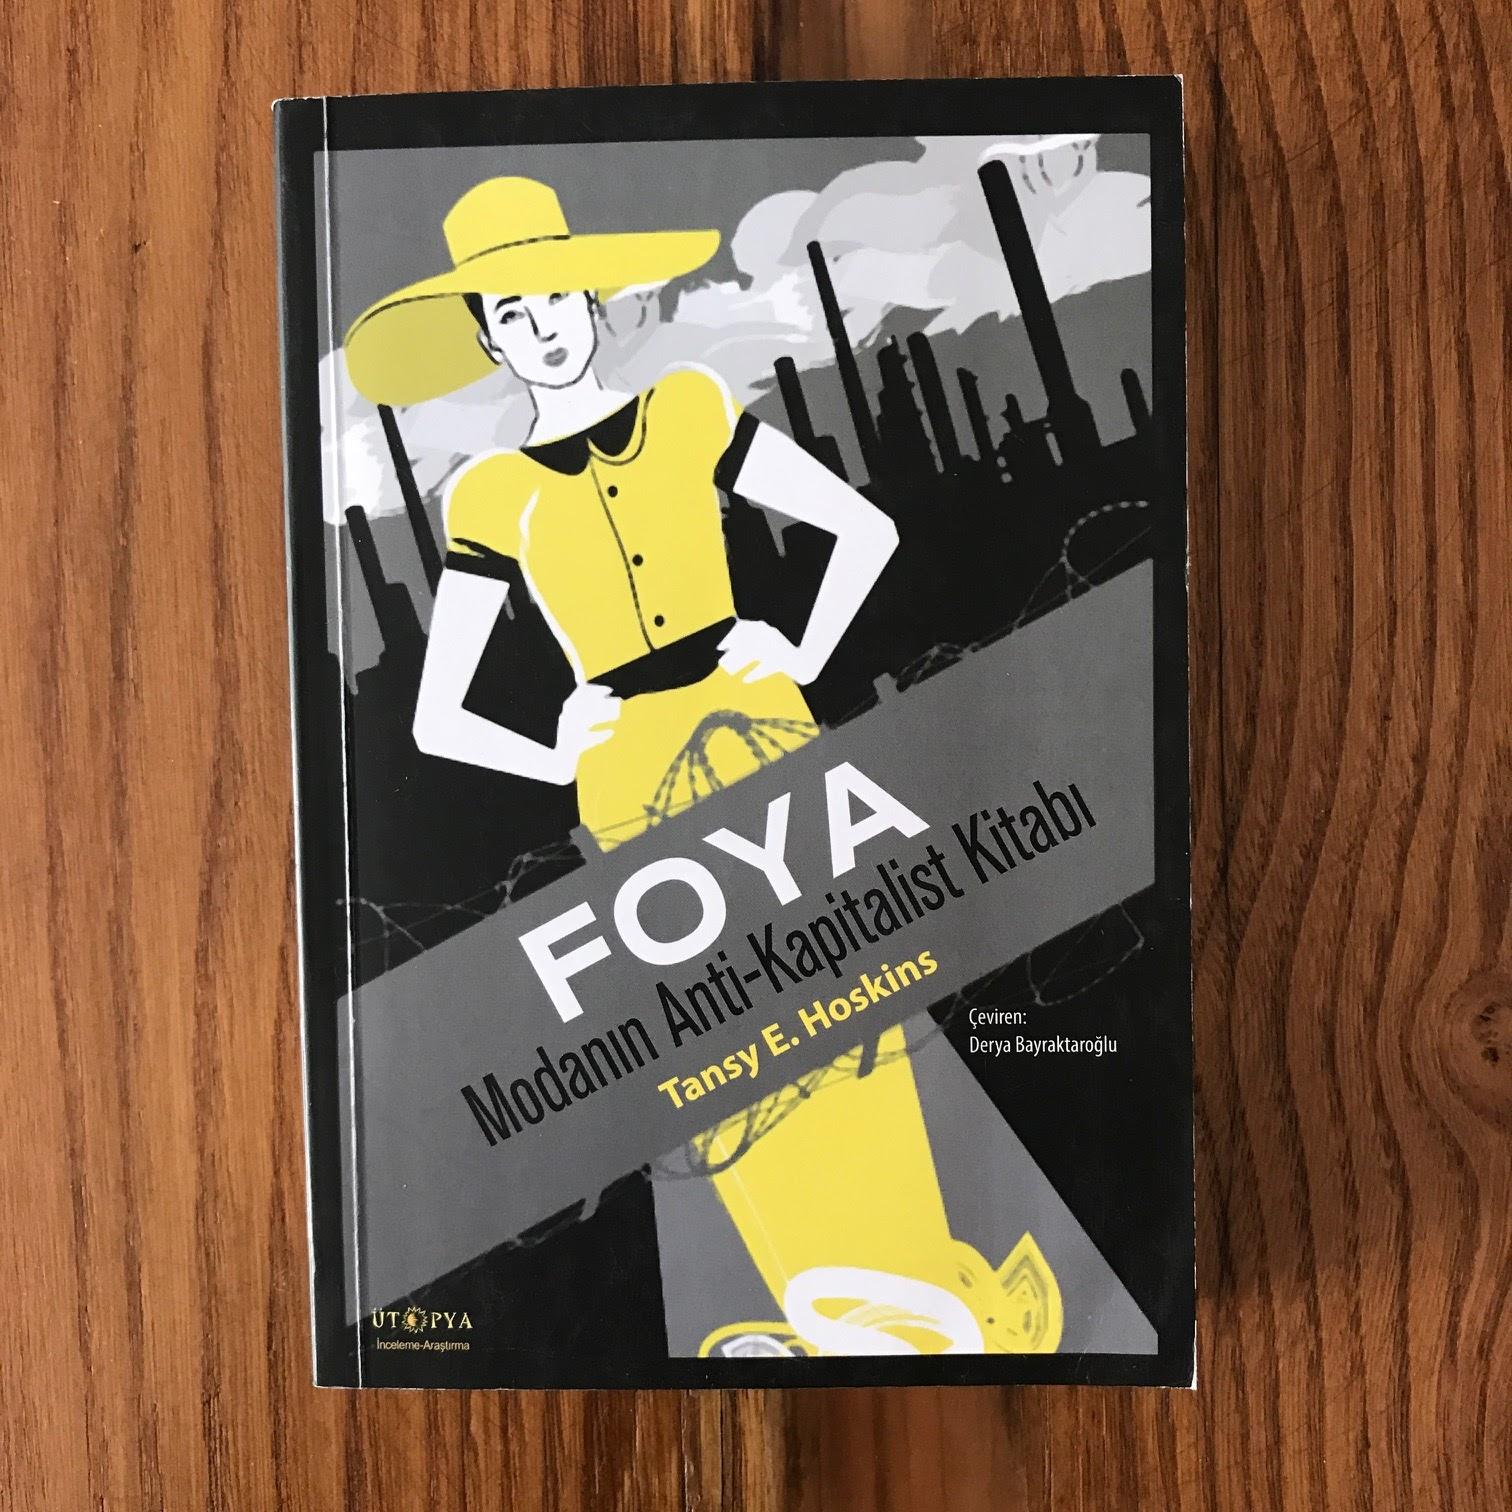 Foya - Modanin Anti-Kapitalist Kitabi (Kitap)